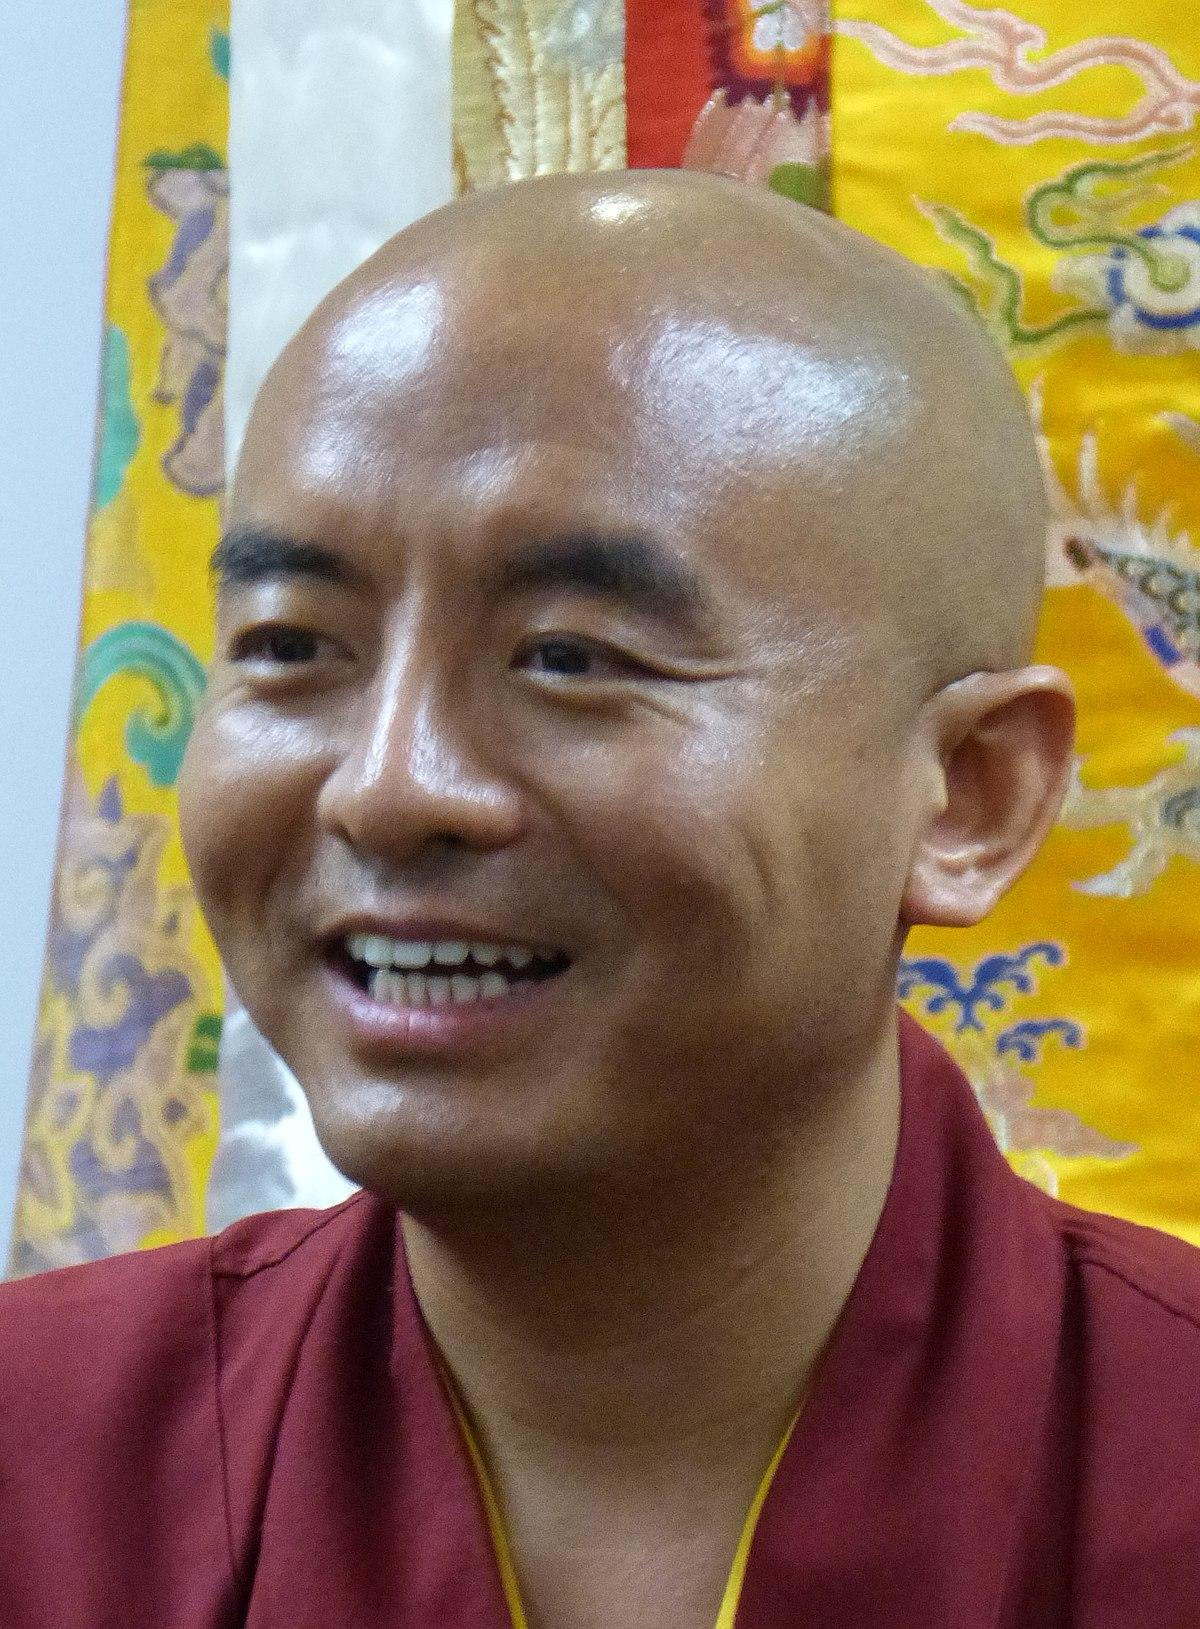 Yongey Mingyur Rinpoche - Wikipedia